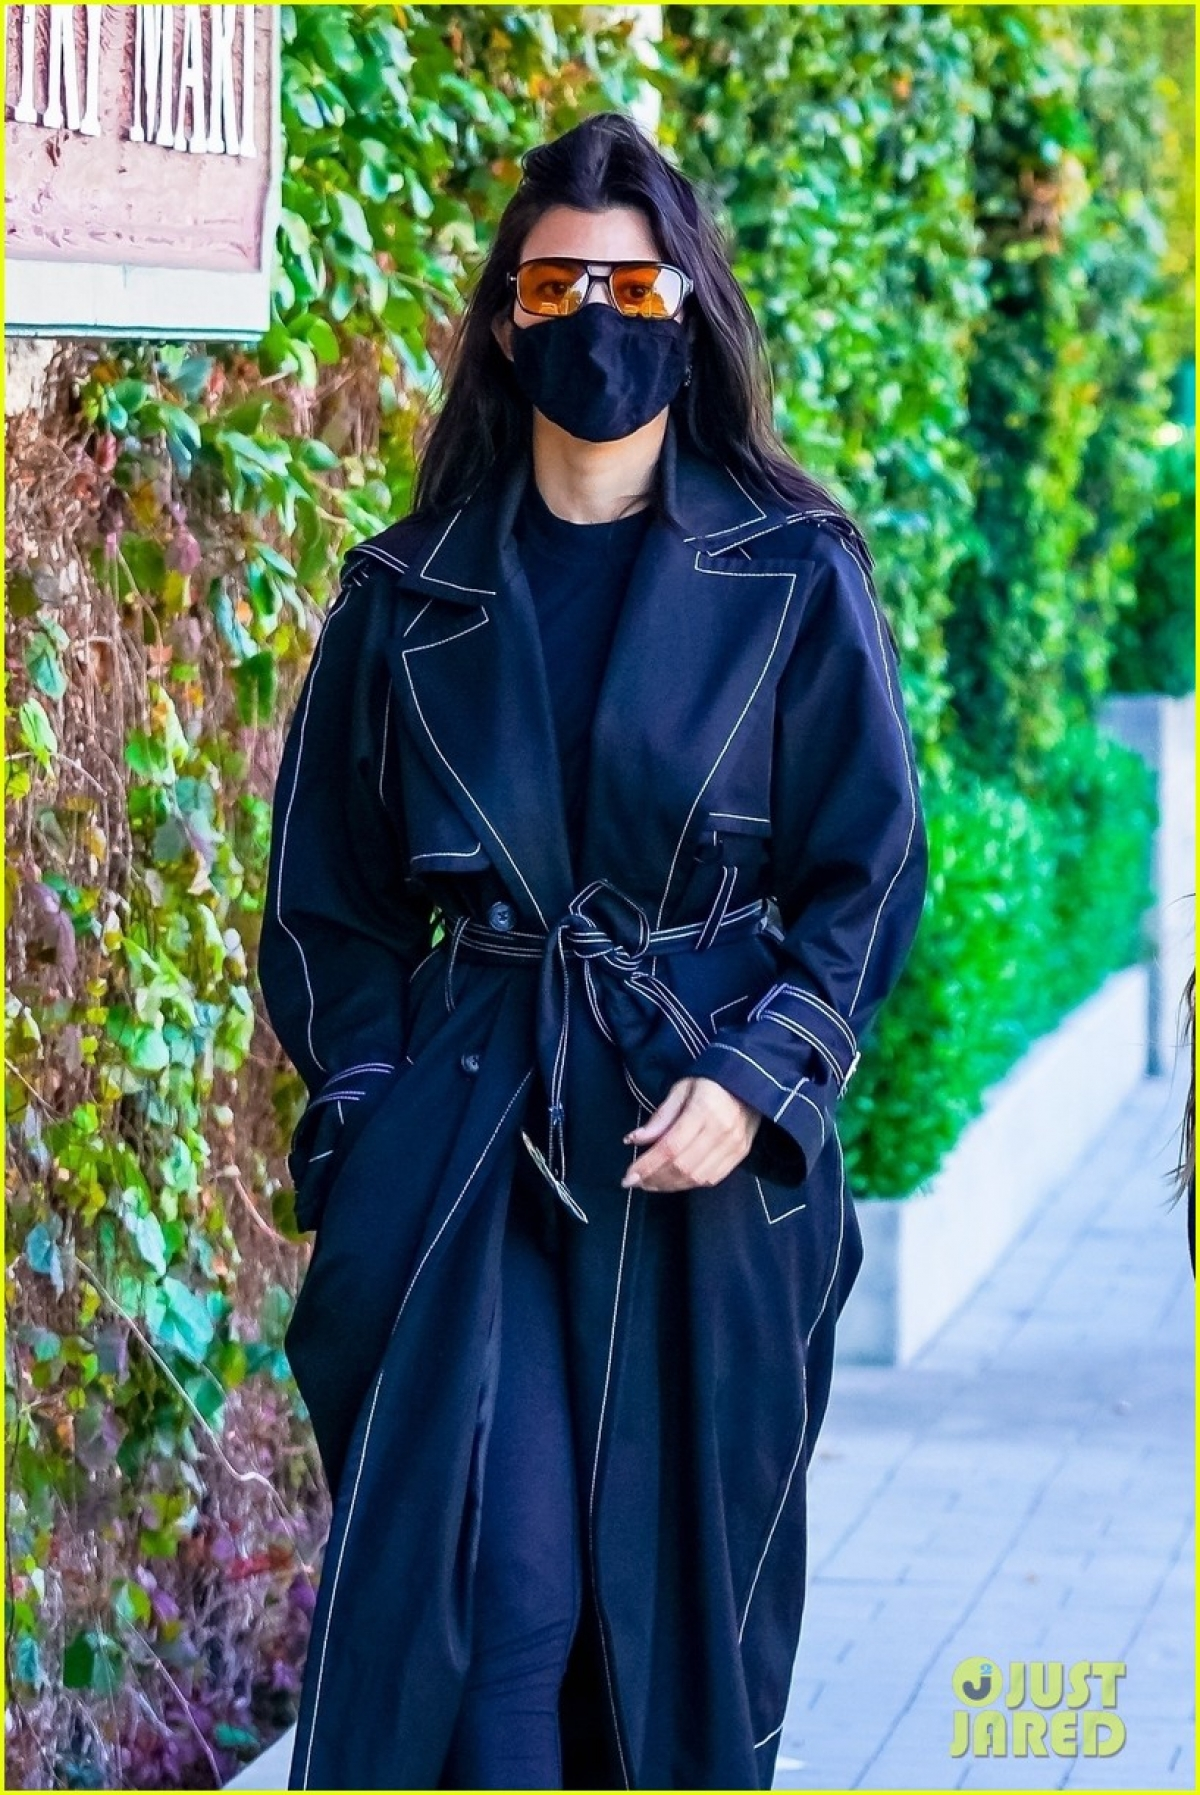 Chị gái Kim Kardashian mặc đồ kín đáo, giản dị.